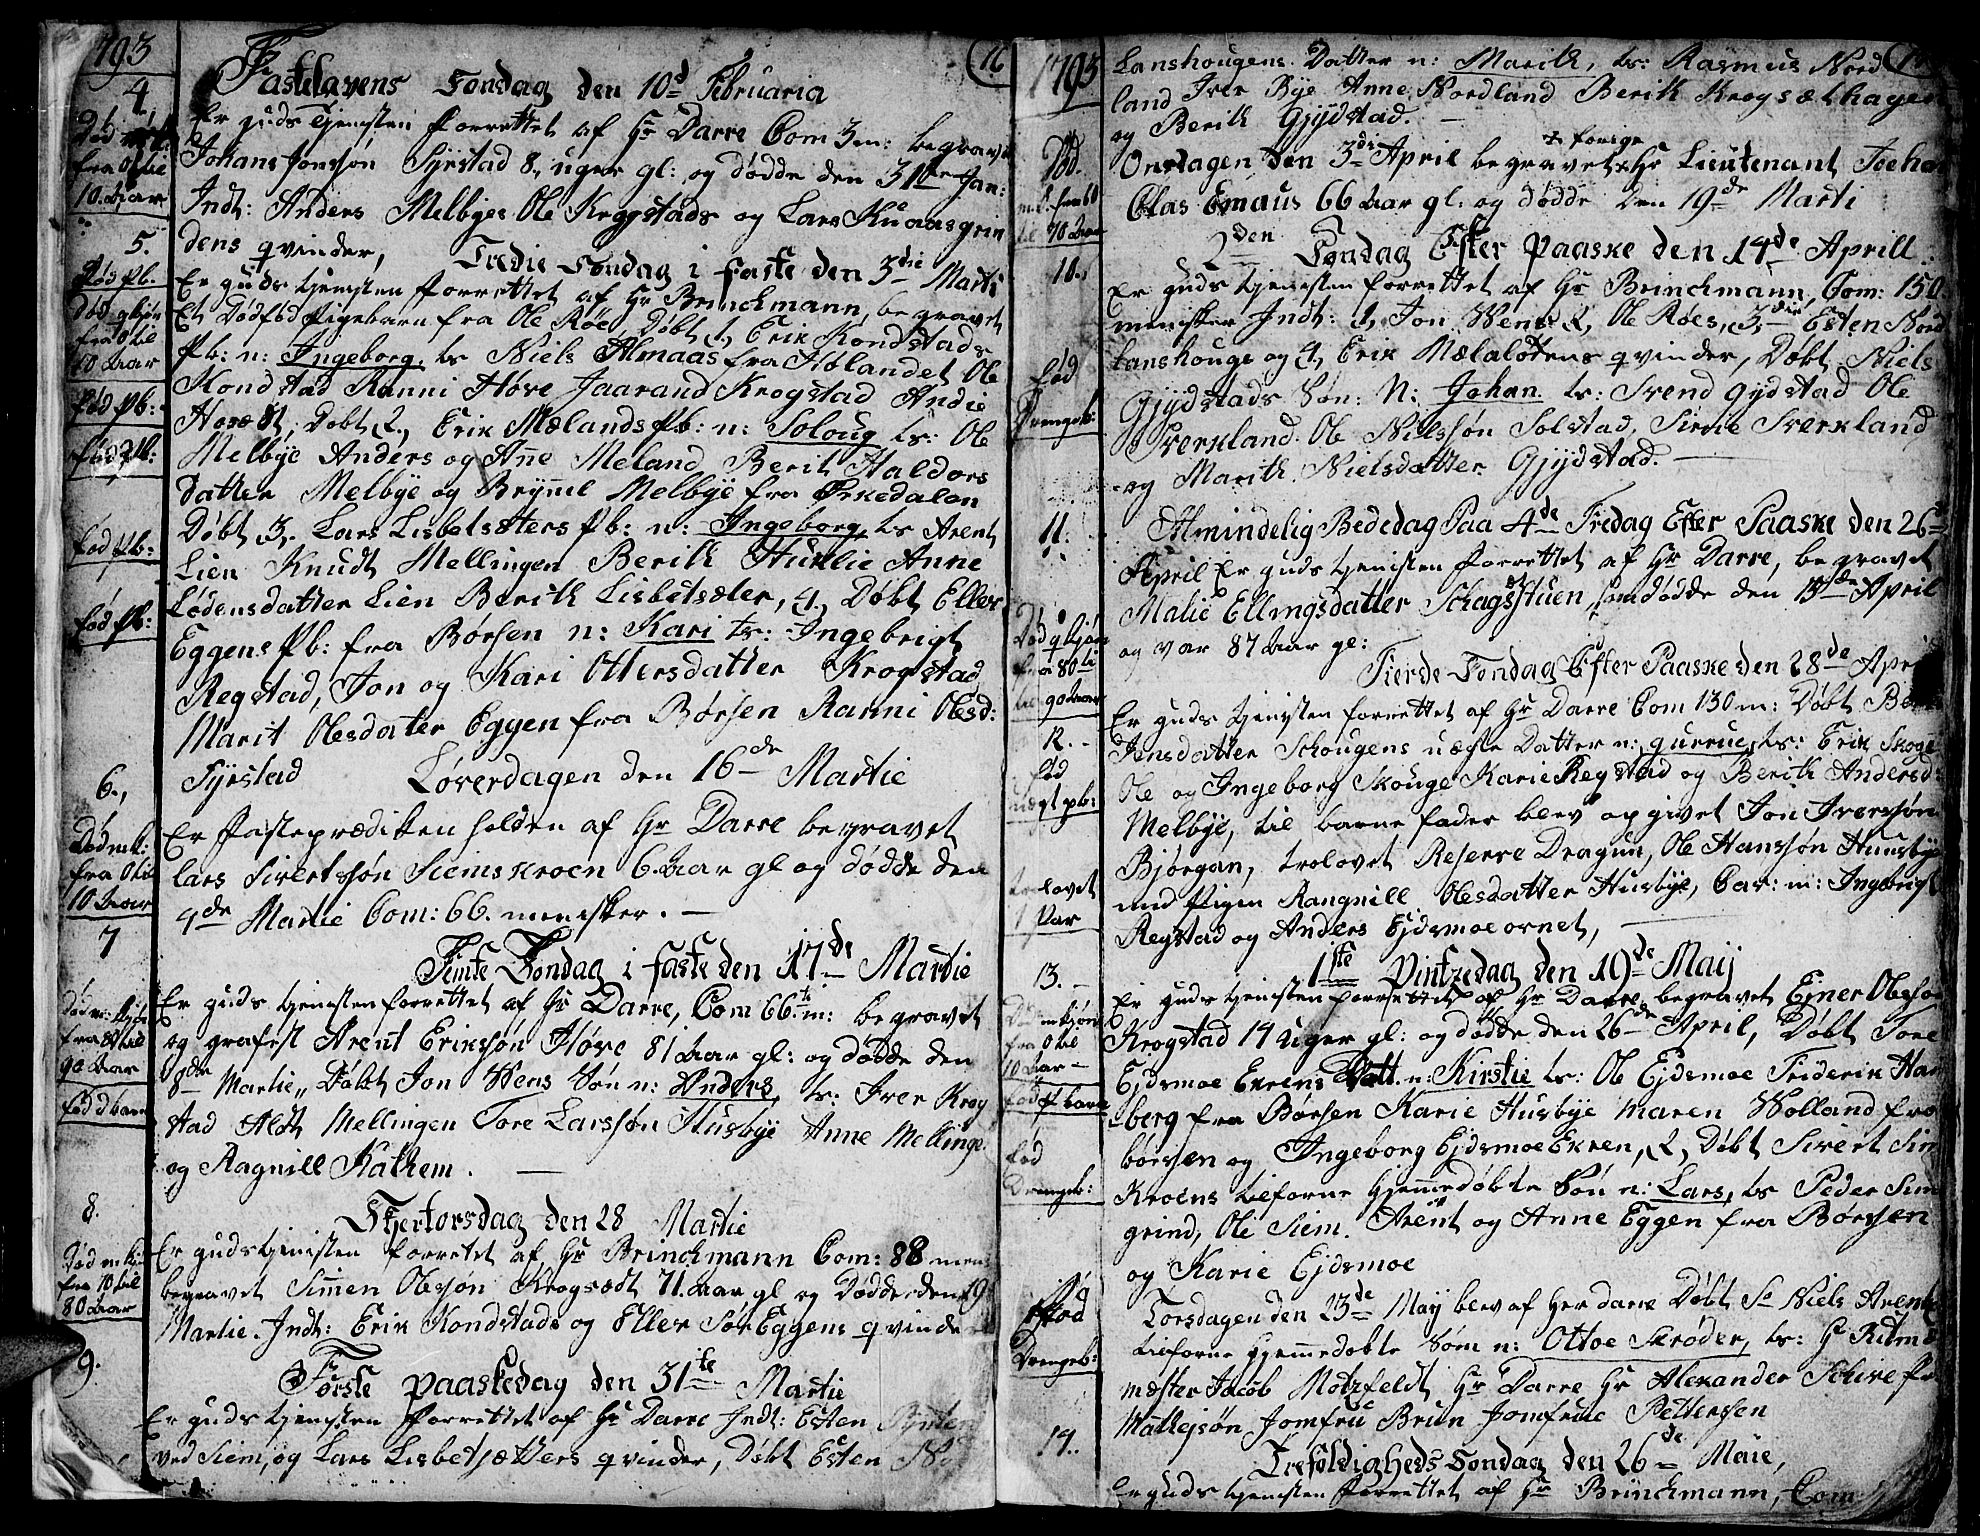 SAT, Ministerialprotokoller, klokkerbøker og fødselsregistre - Sør-Trøndelag, 667/L0794: Ministerialbok nr. 667A02, 1791-1816, s. 18-19